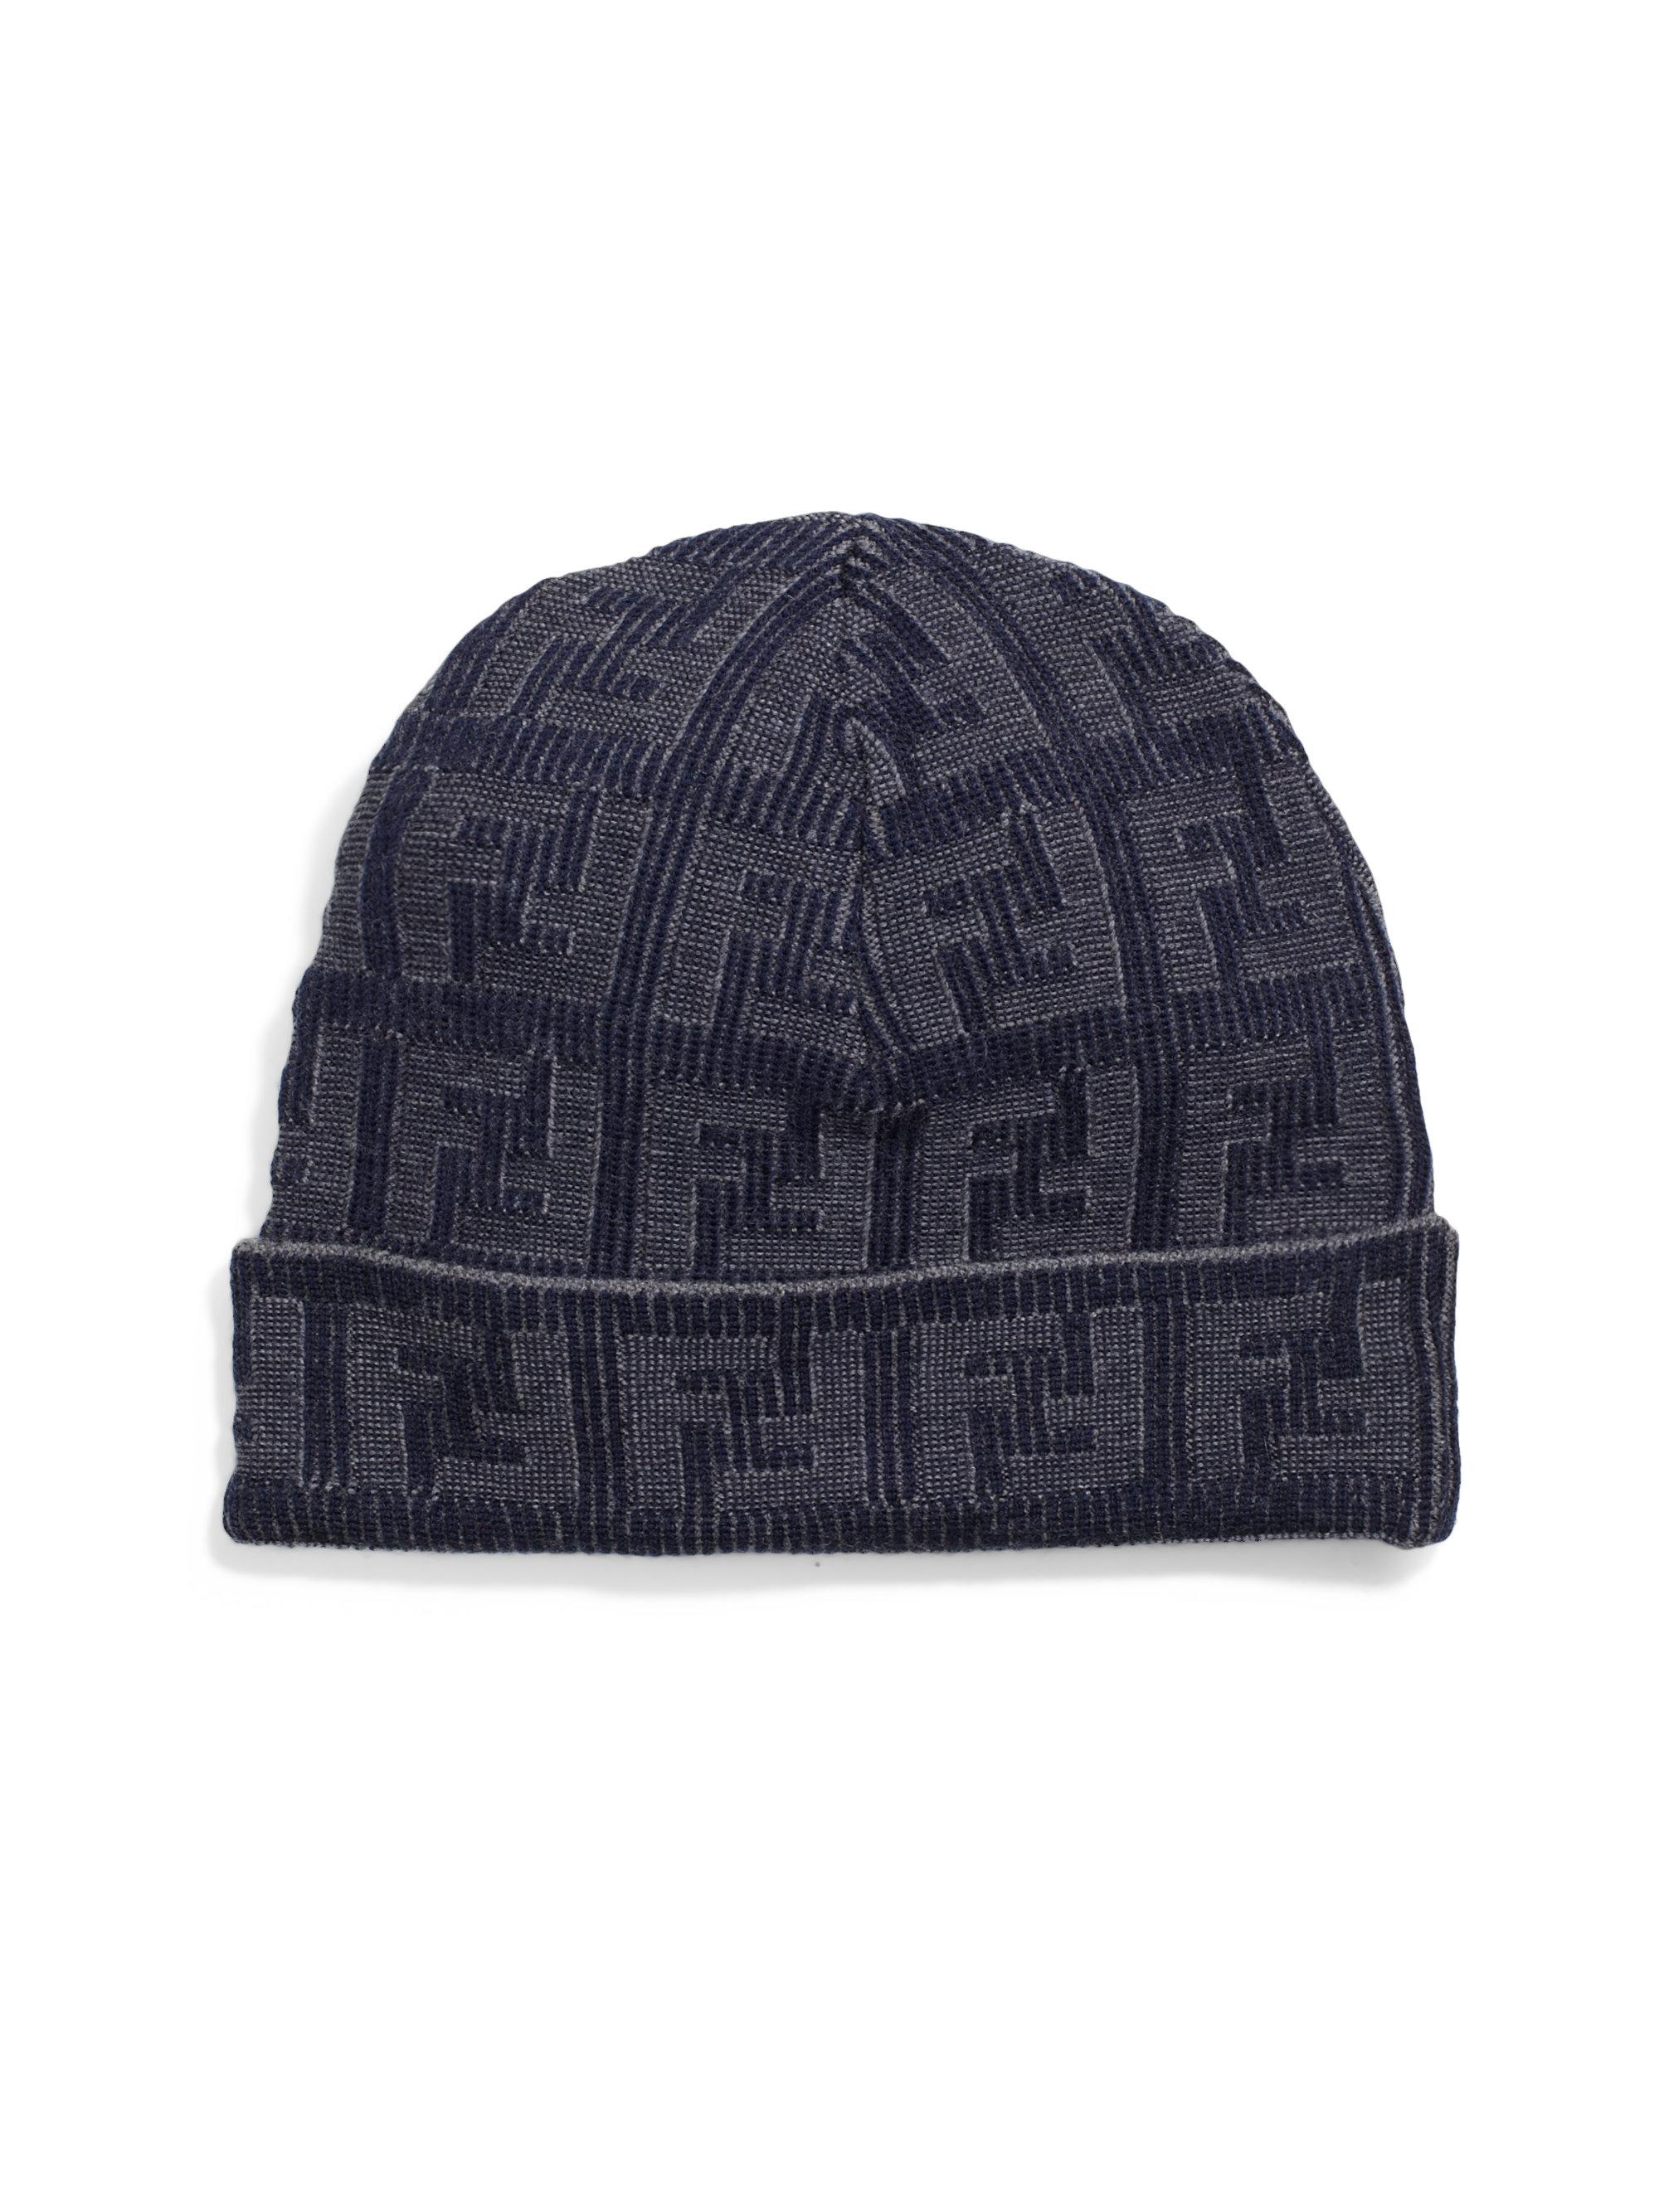 8d91b3fa127 Lyst - Fendi Logo Knit Wool Hat in Blue for Men